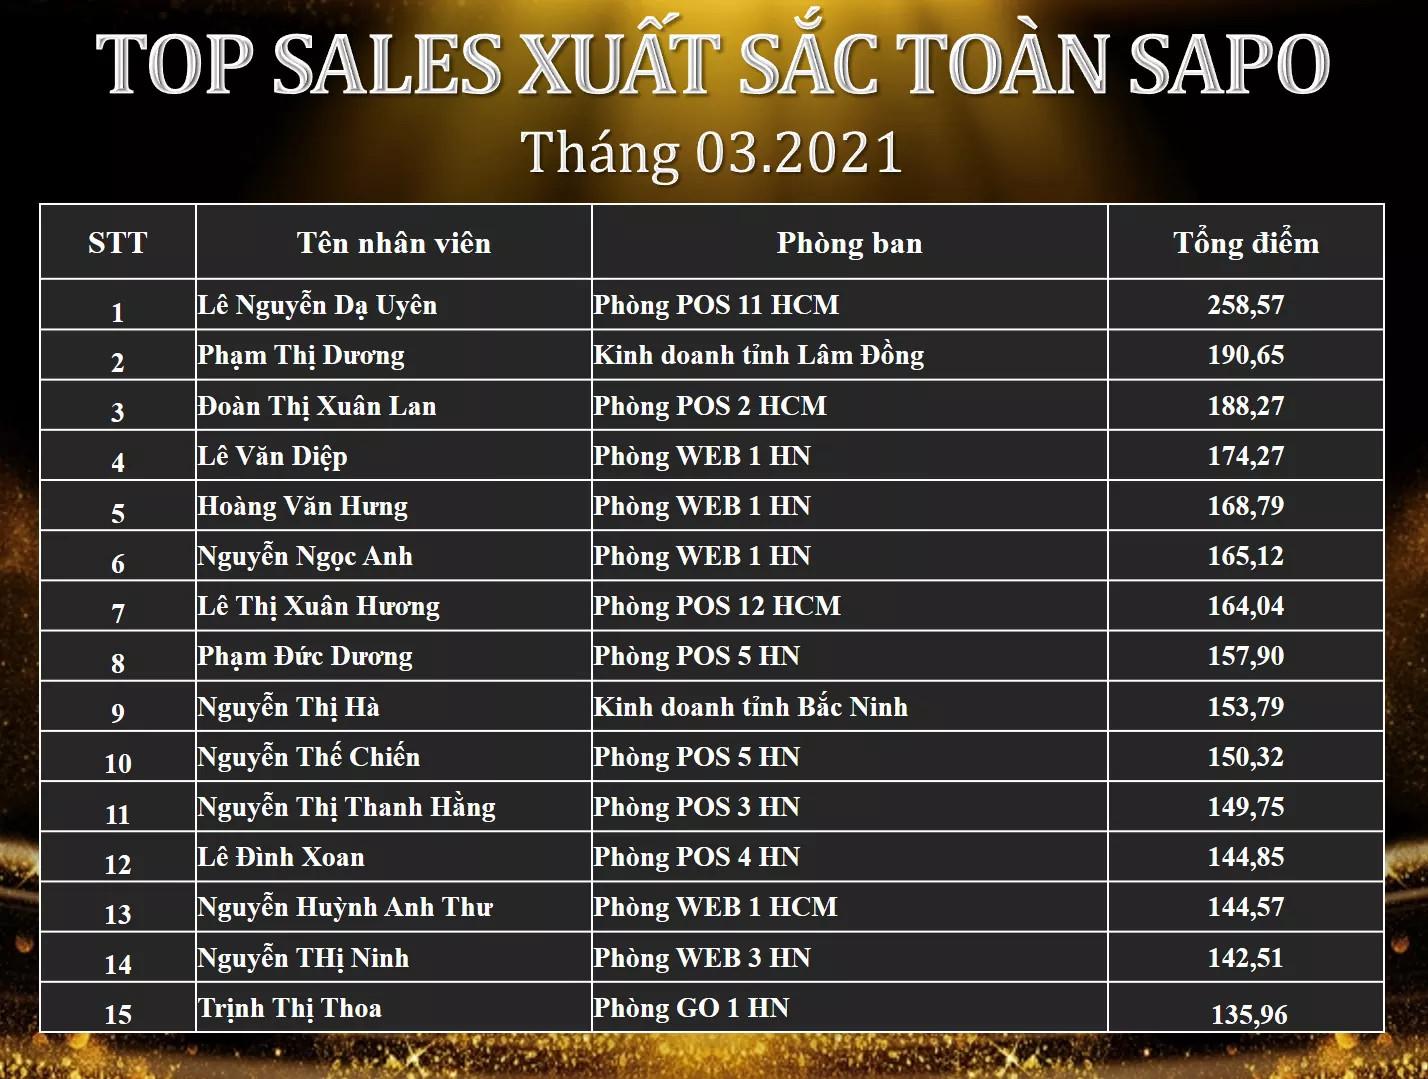 Vinh danh TOP SALE xuất sắc tháng 03/2021